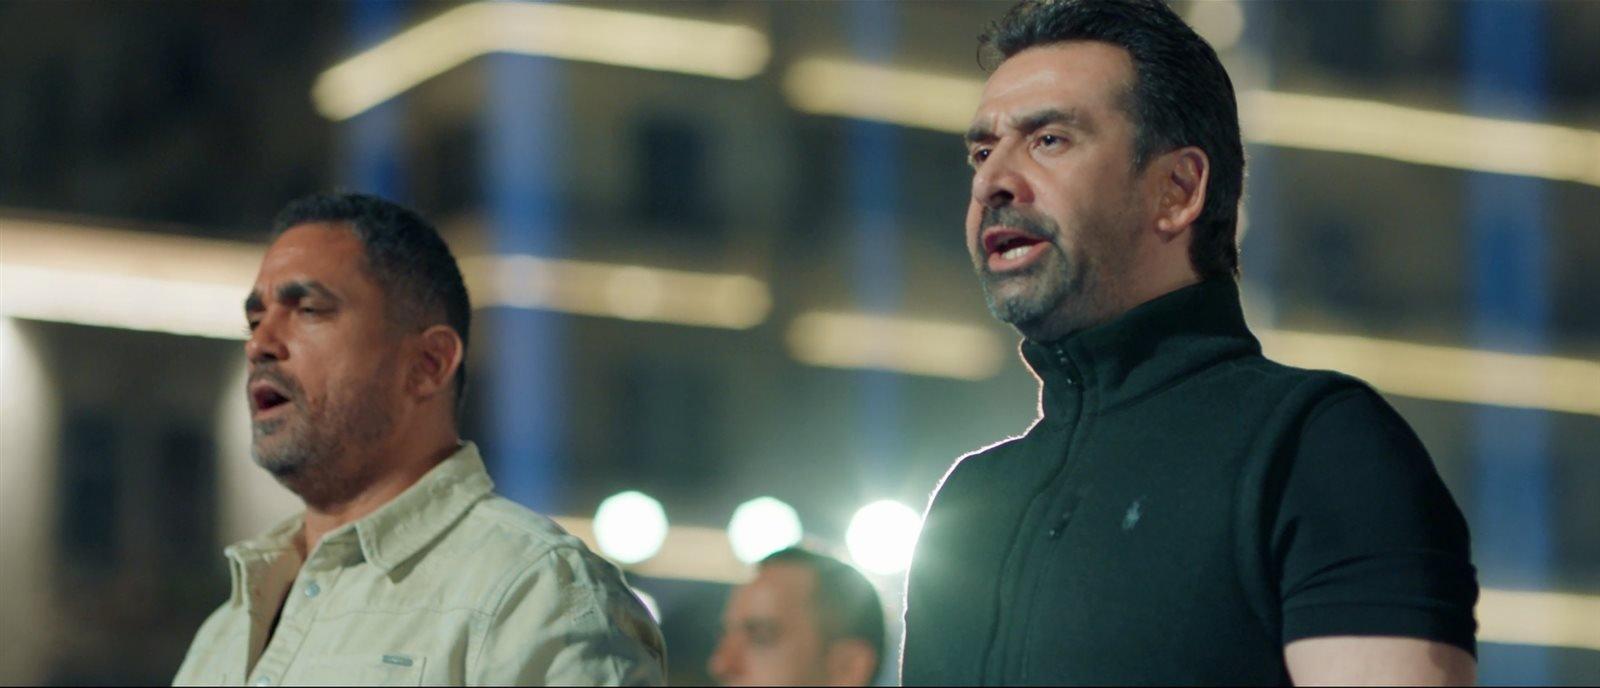 فيديو| أغنية «أحنا مش بتوع حداد» في نهاية مسلسل «الاختيار 2»